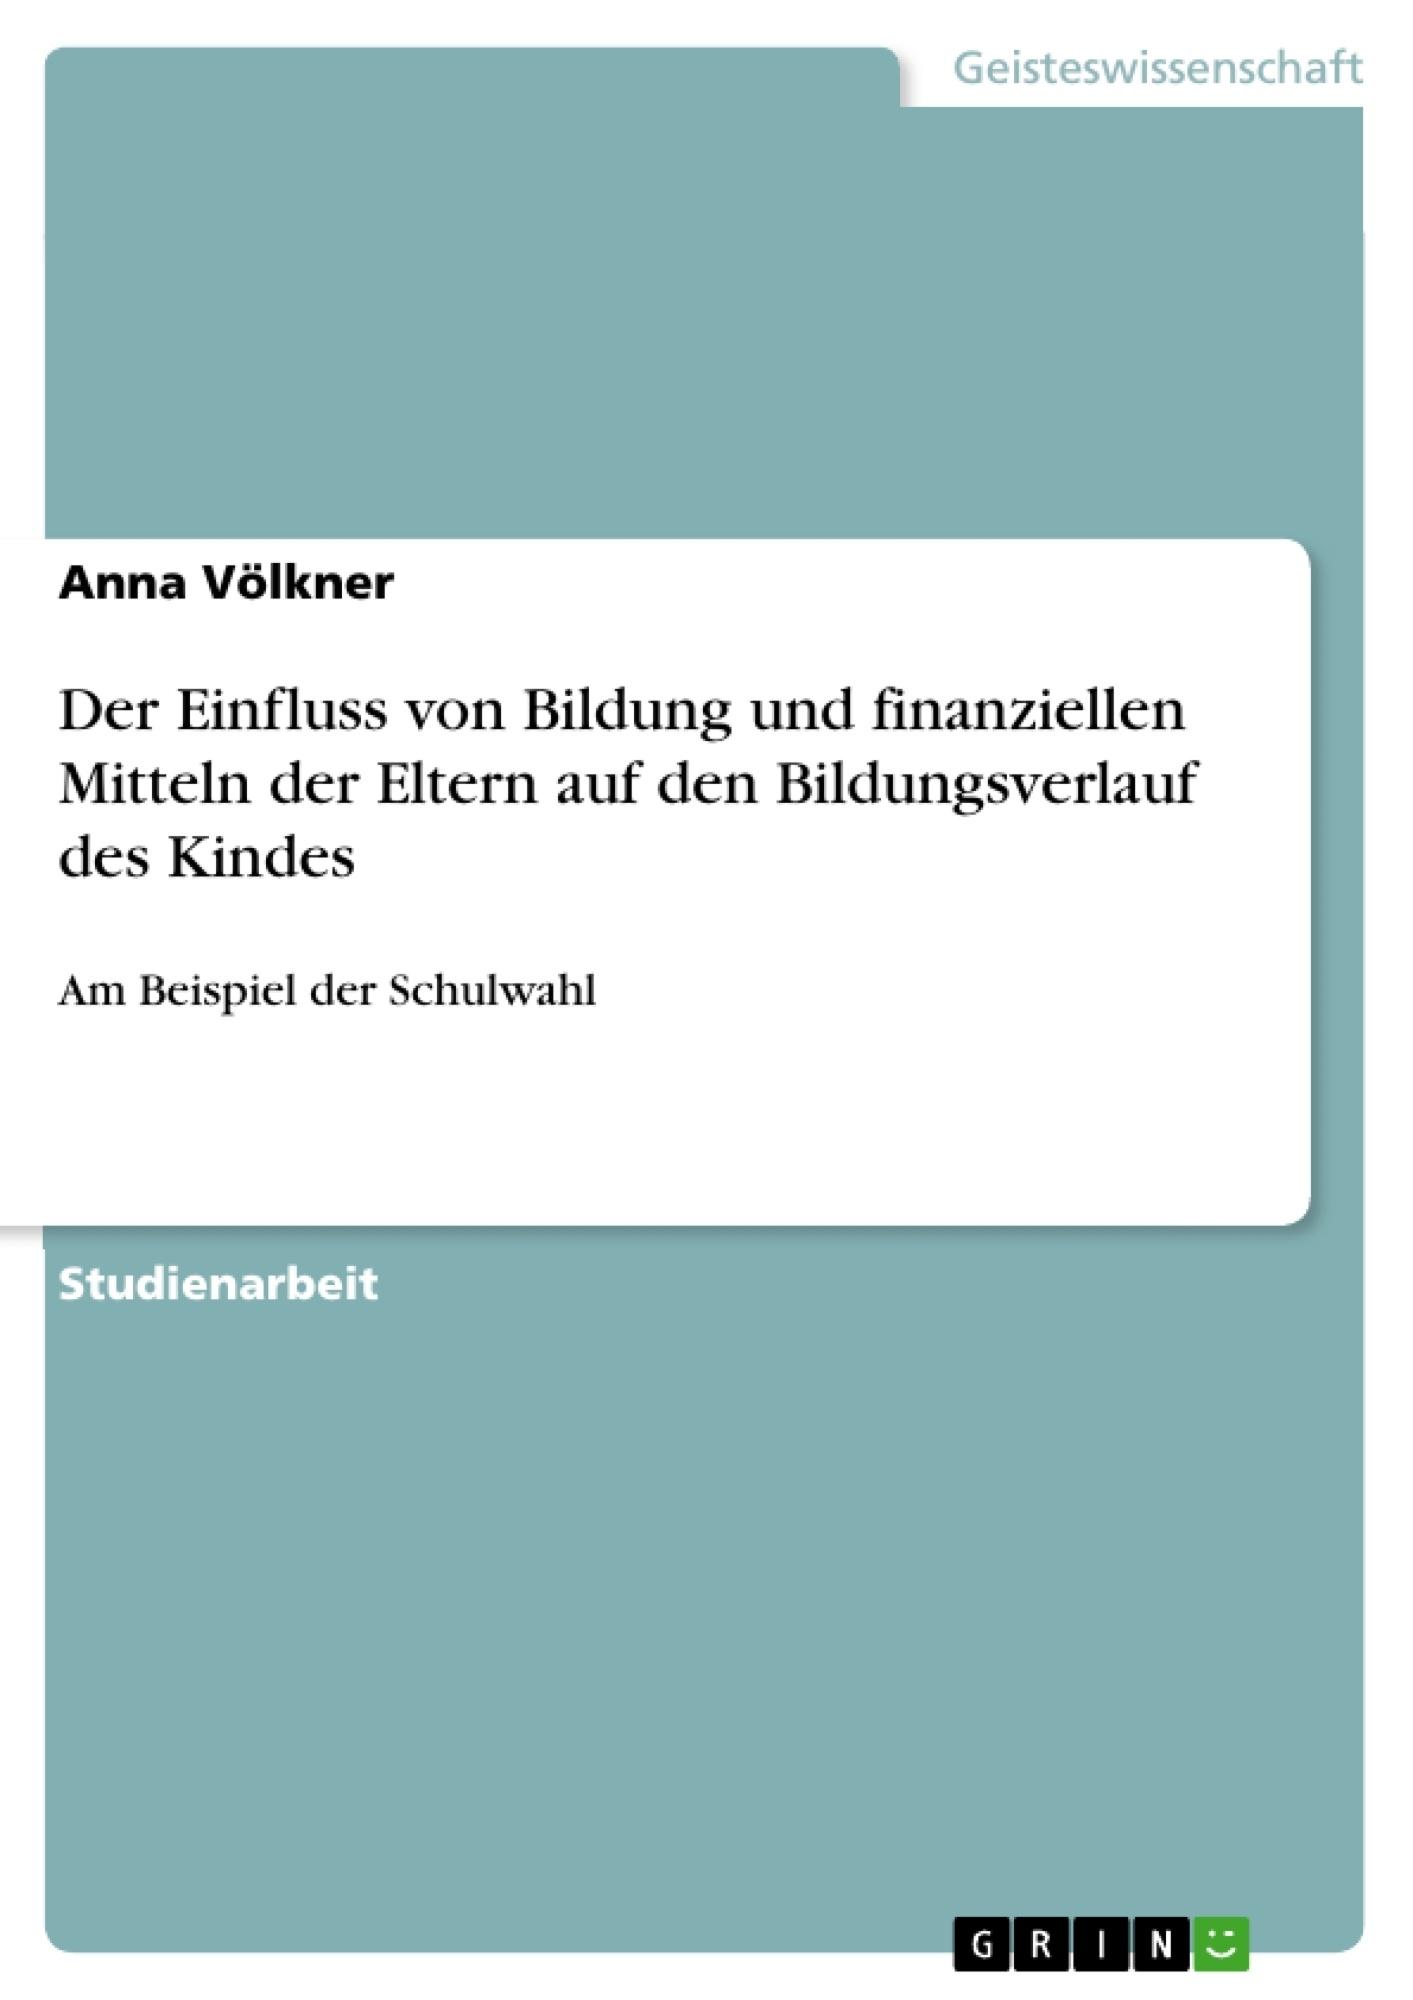 Titel: Der Einfluss von Bildung und finanziellen Mitteln der Eltern auf den Bildungsverlauf des Kindes